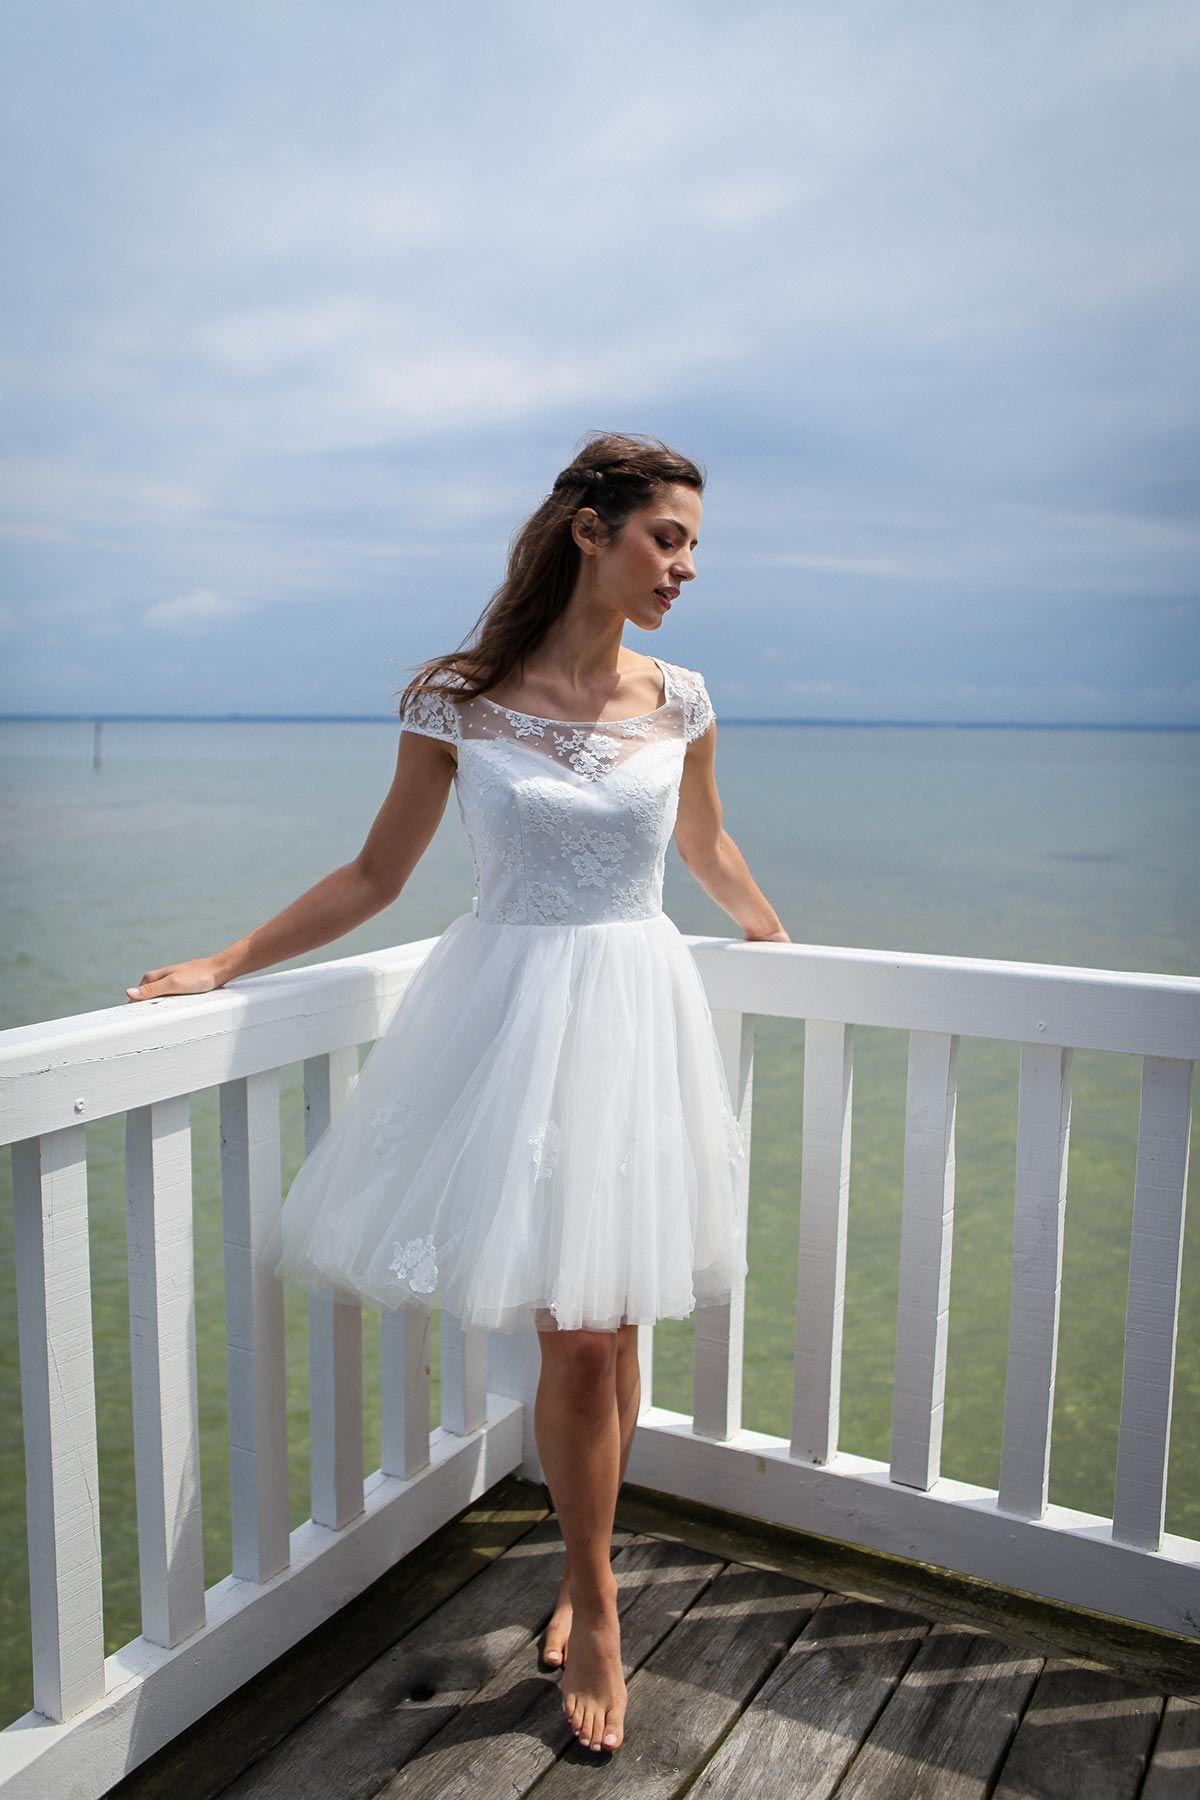 Short Beach Wedding Dress | Beach wedding dresses | Pinterest ...